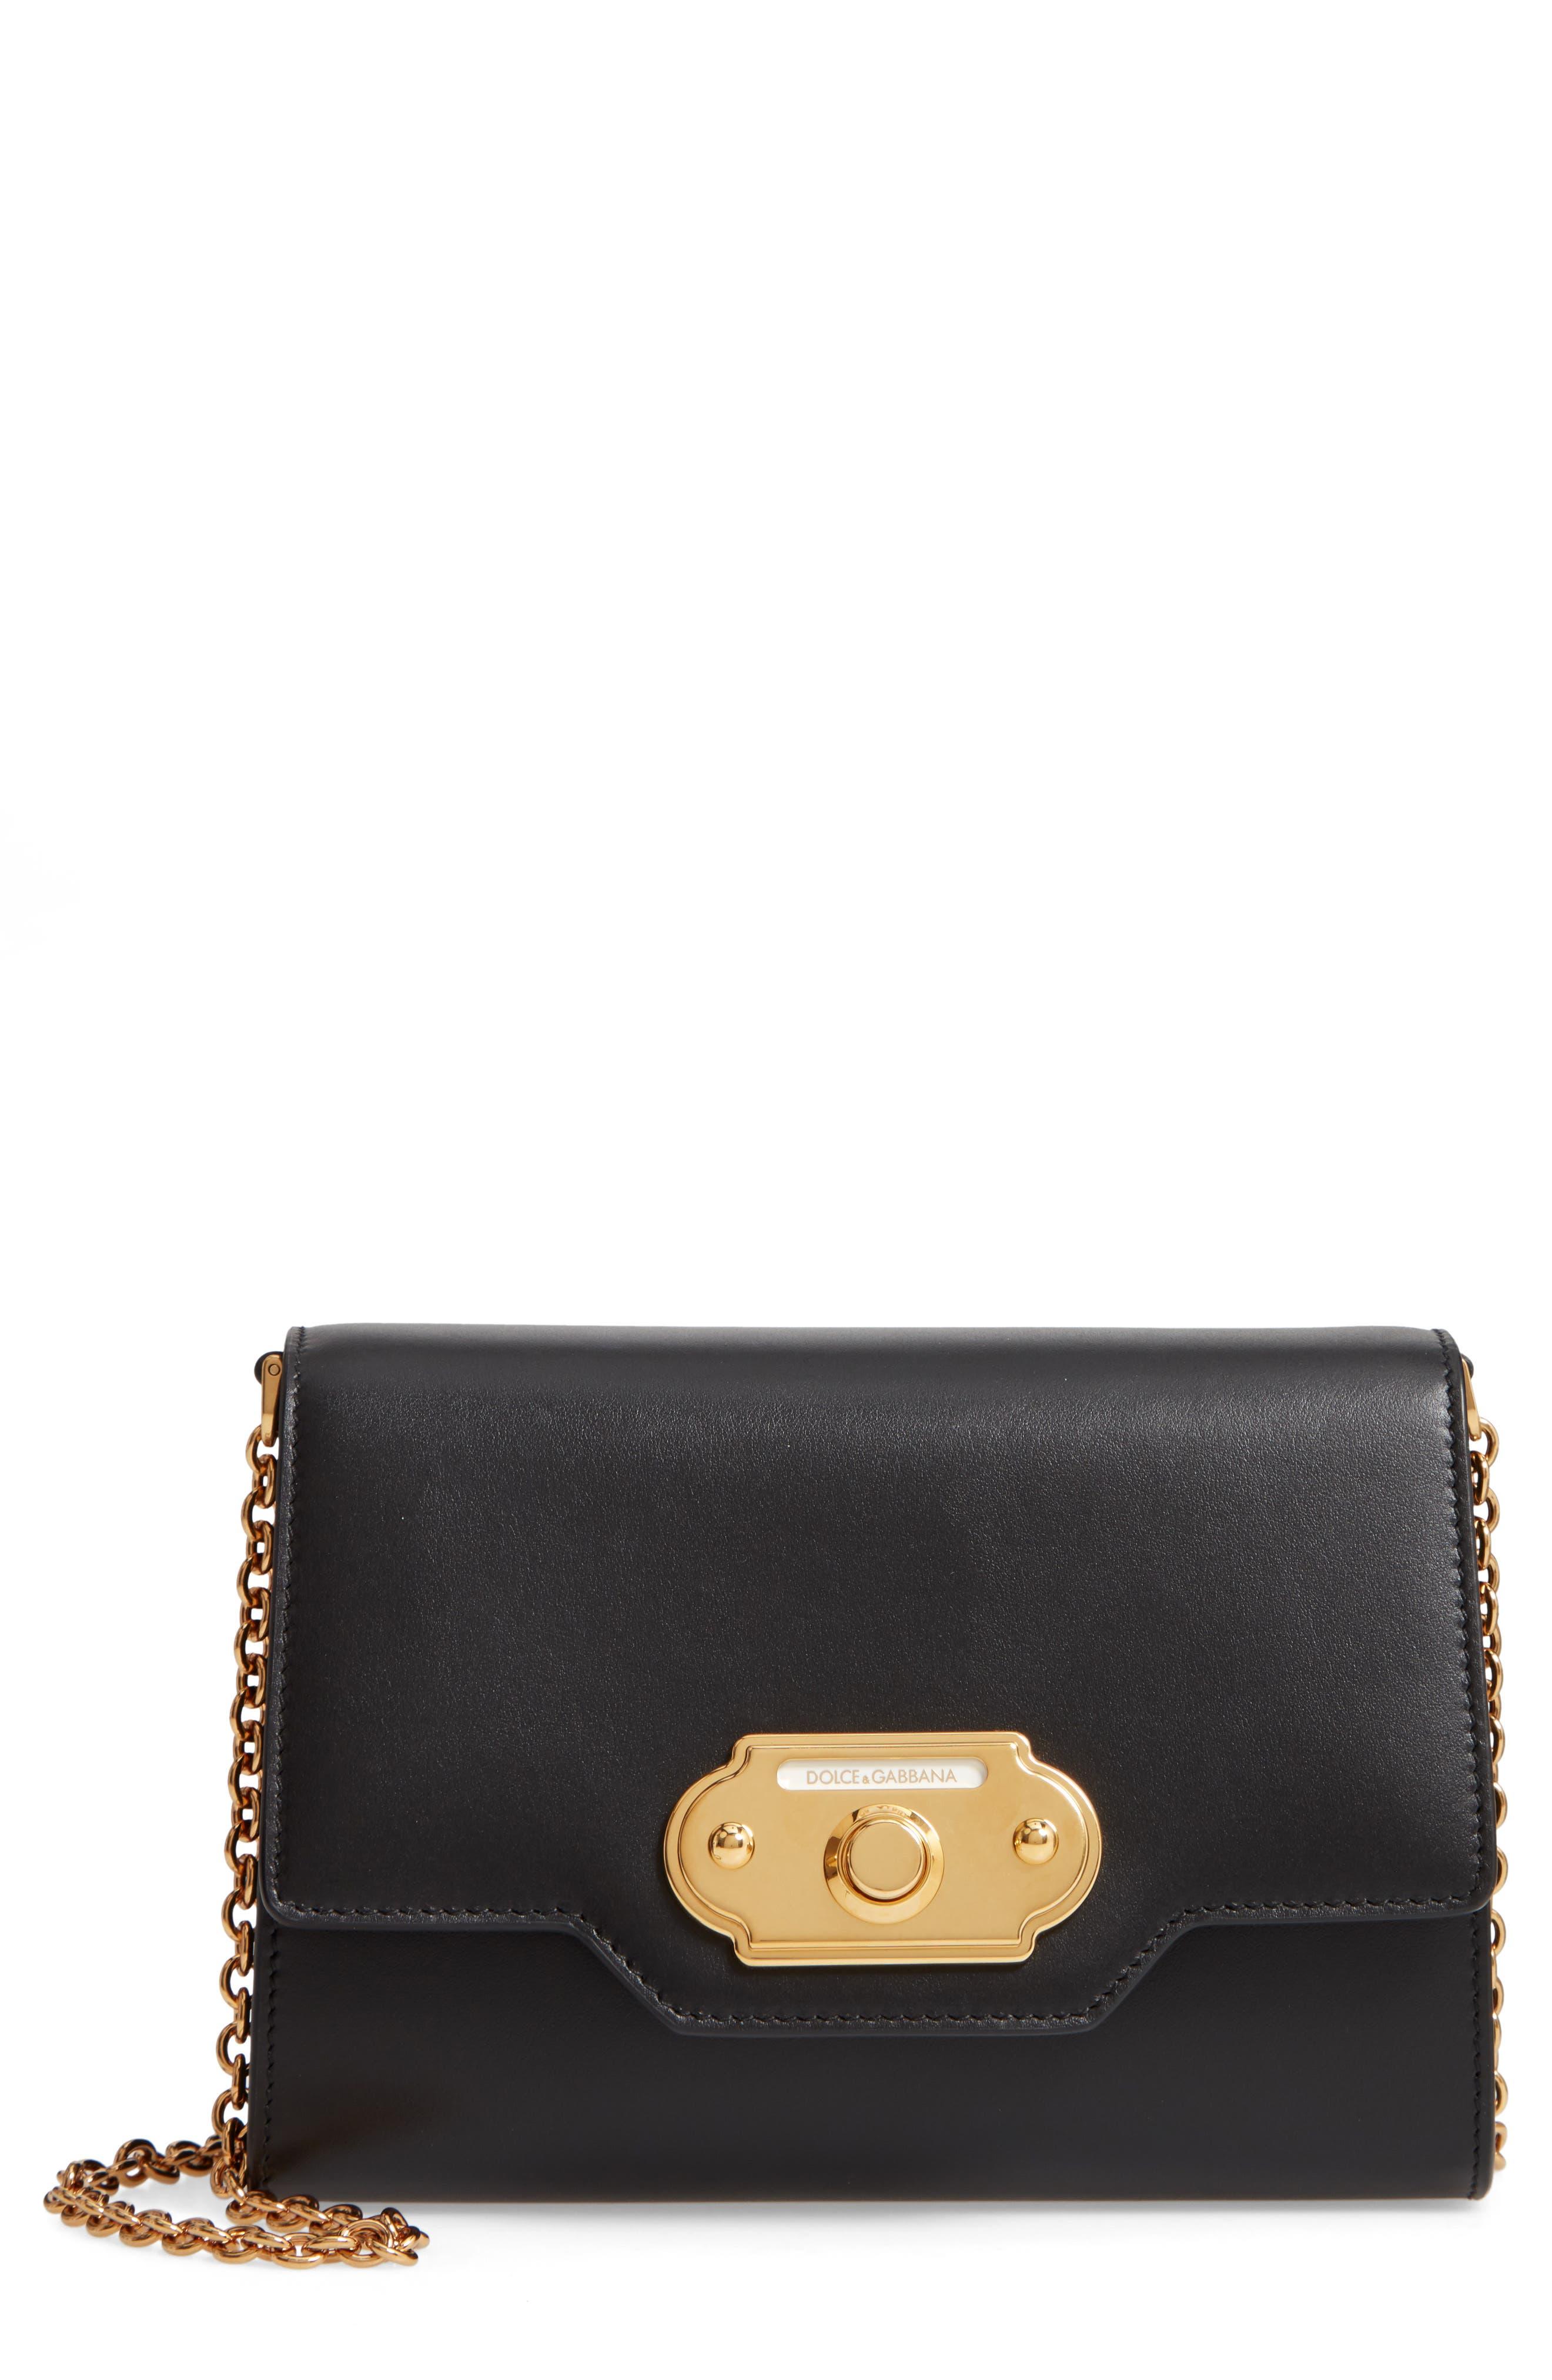 eeb629337e94 Dolce   Gabbana Handbags   Purses